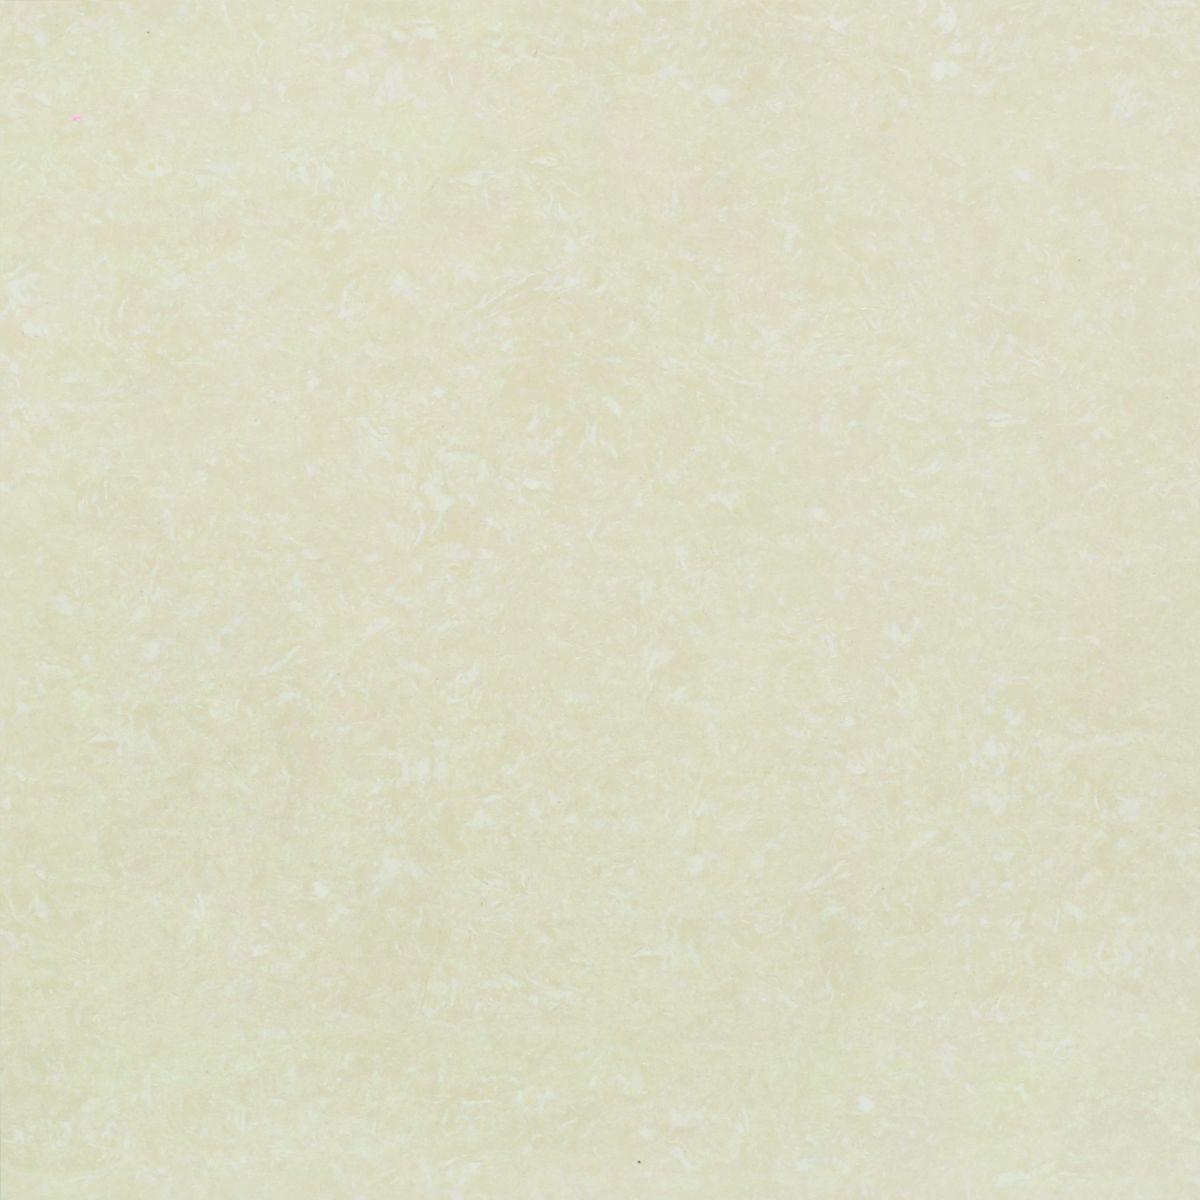 Gạch granite 600x600 Đồng Tâm 6060DB014-NANO giá rẻ